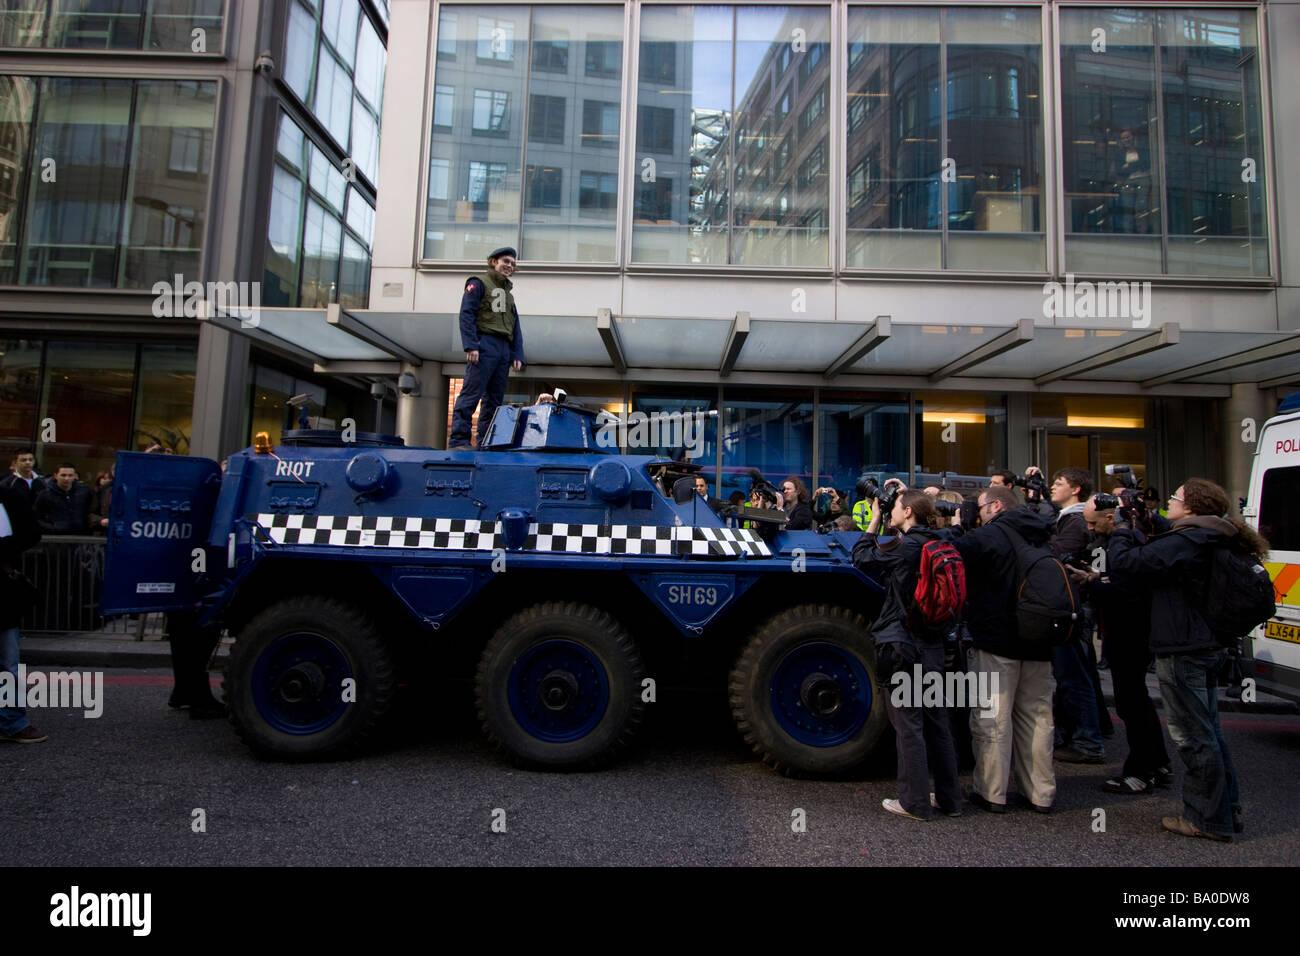 G20 de Londres, les pirates de l'espace de démonstration groupe anarchiste en faux Riot Squad van hors Photo Stock